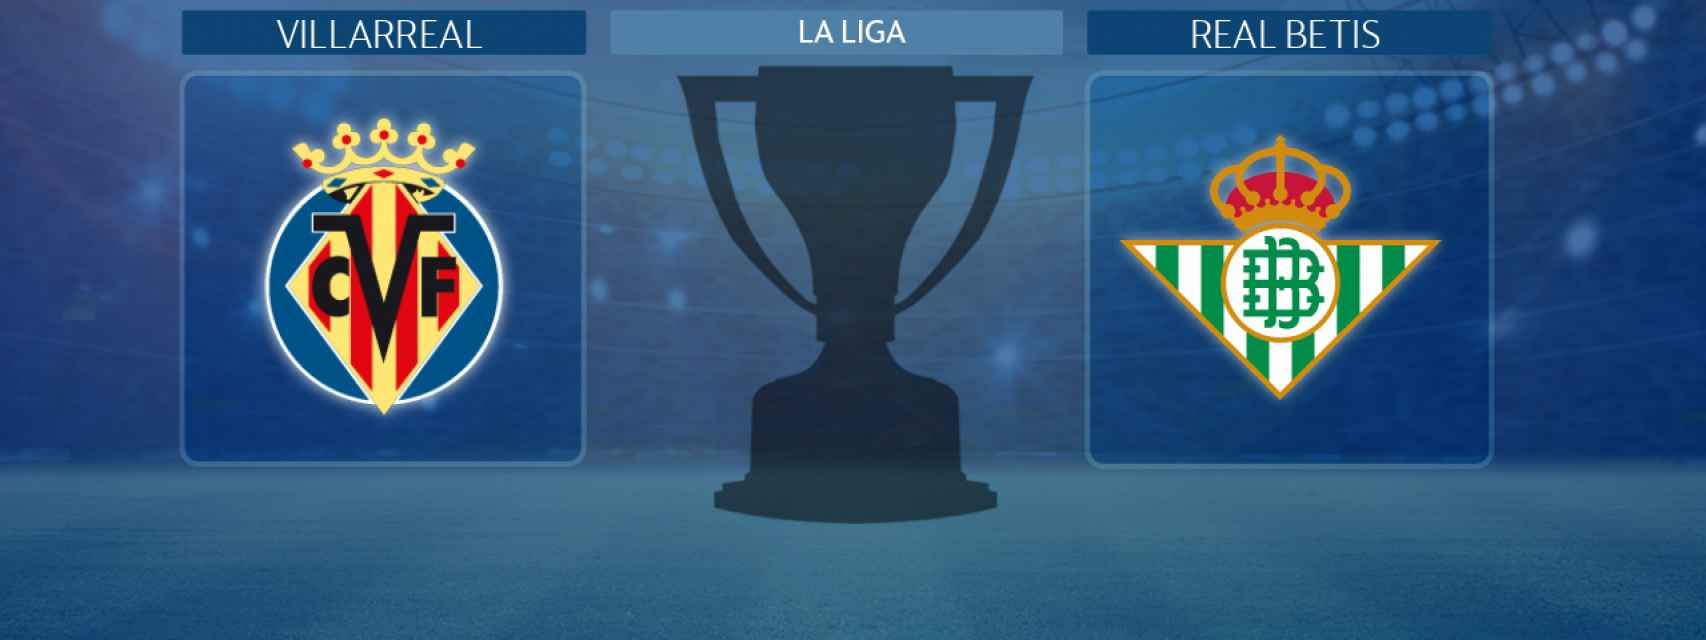 Villarreal - Real Betis, partido de La Liga